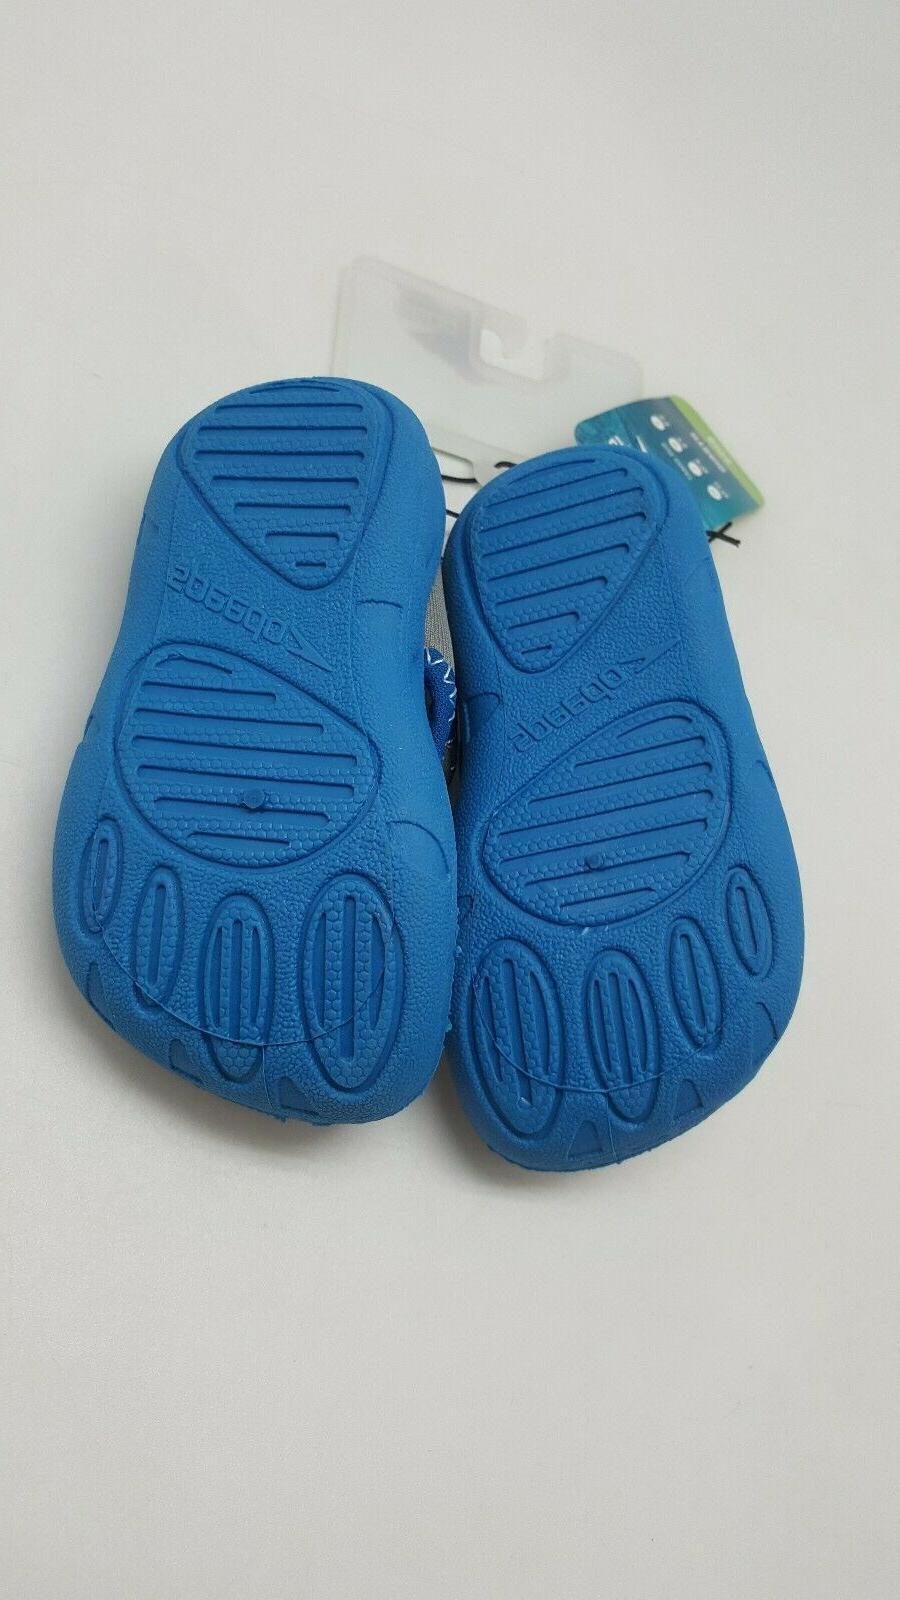 Speedo Toddler Hybrid Water Shoes Blue Shoe M Beach Pool Lake